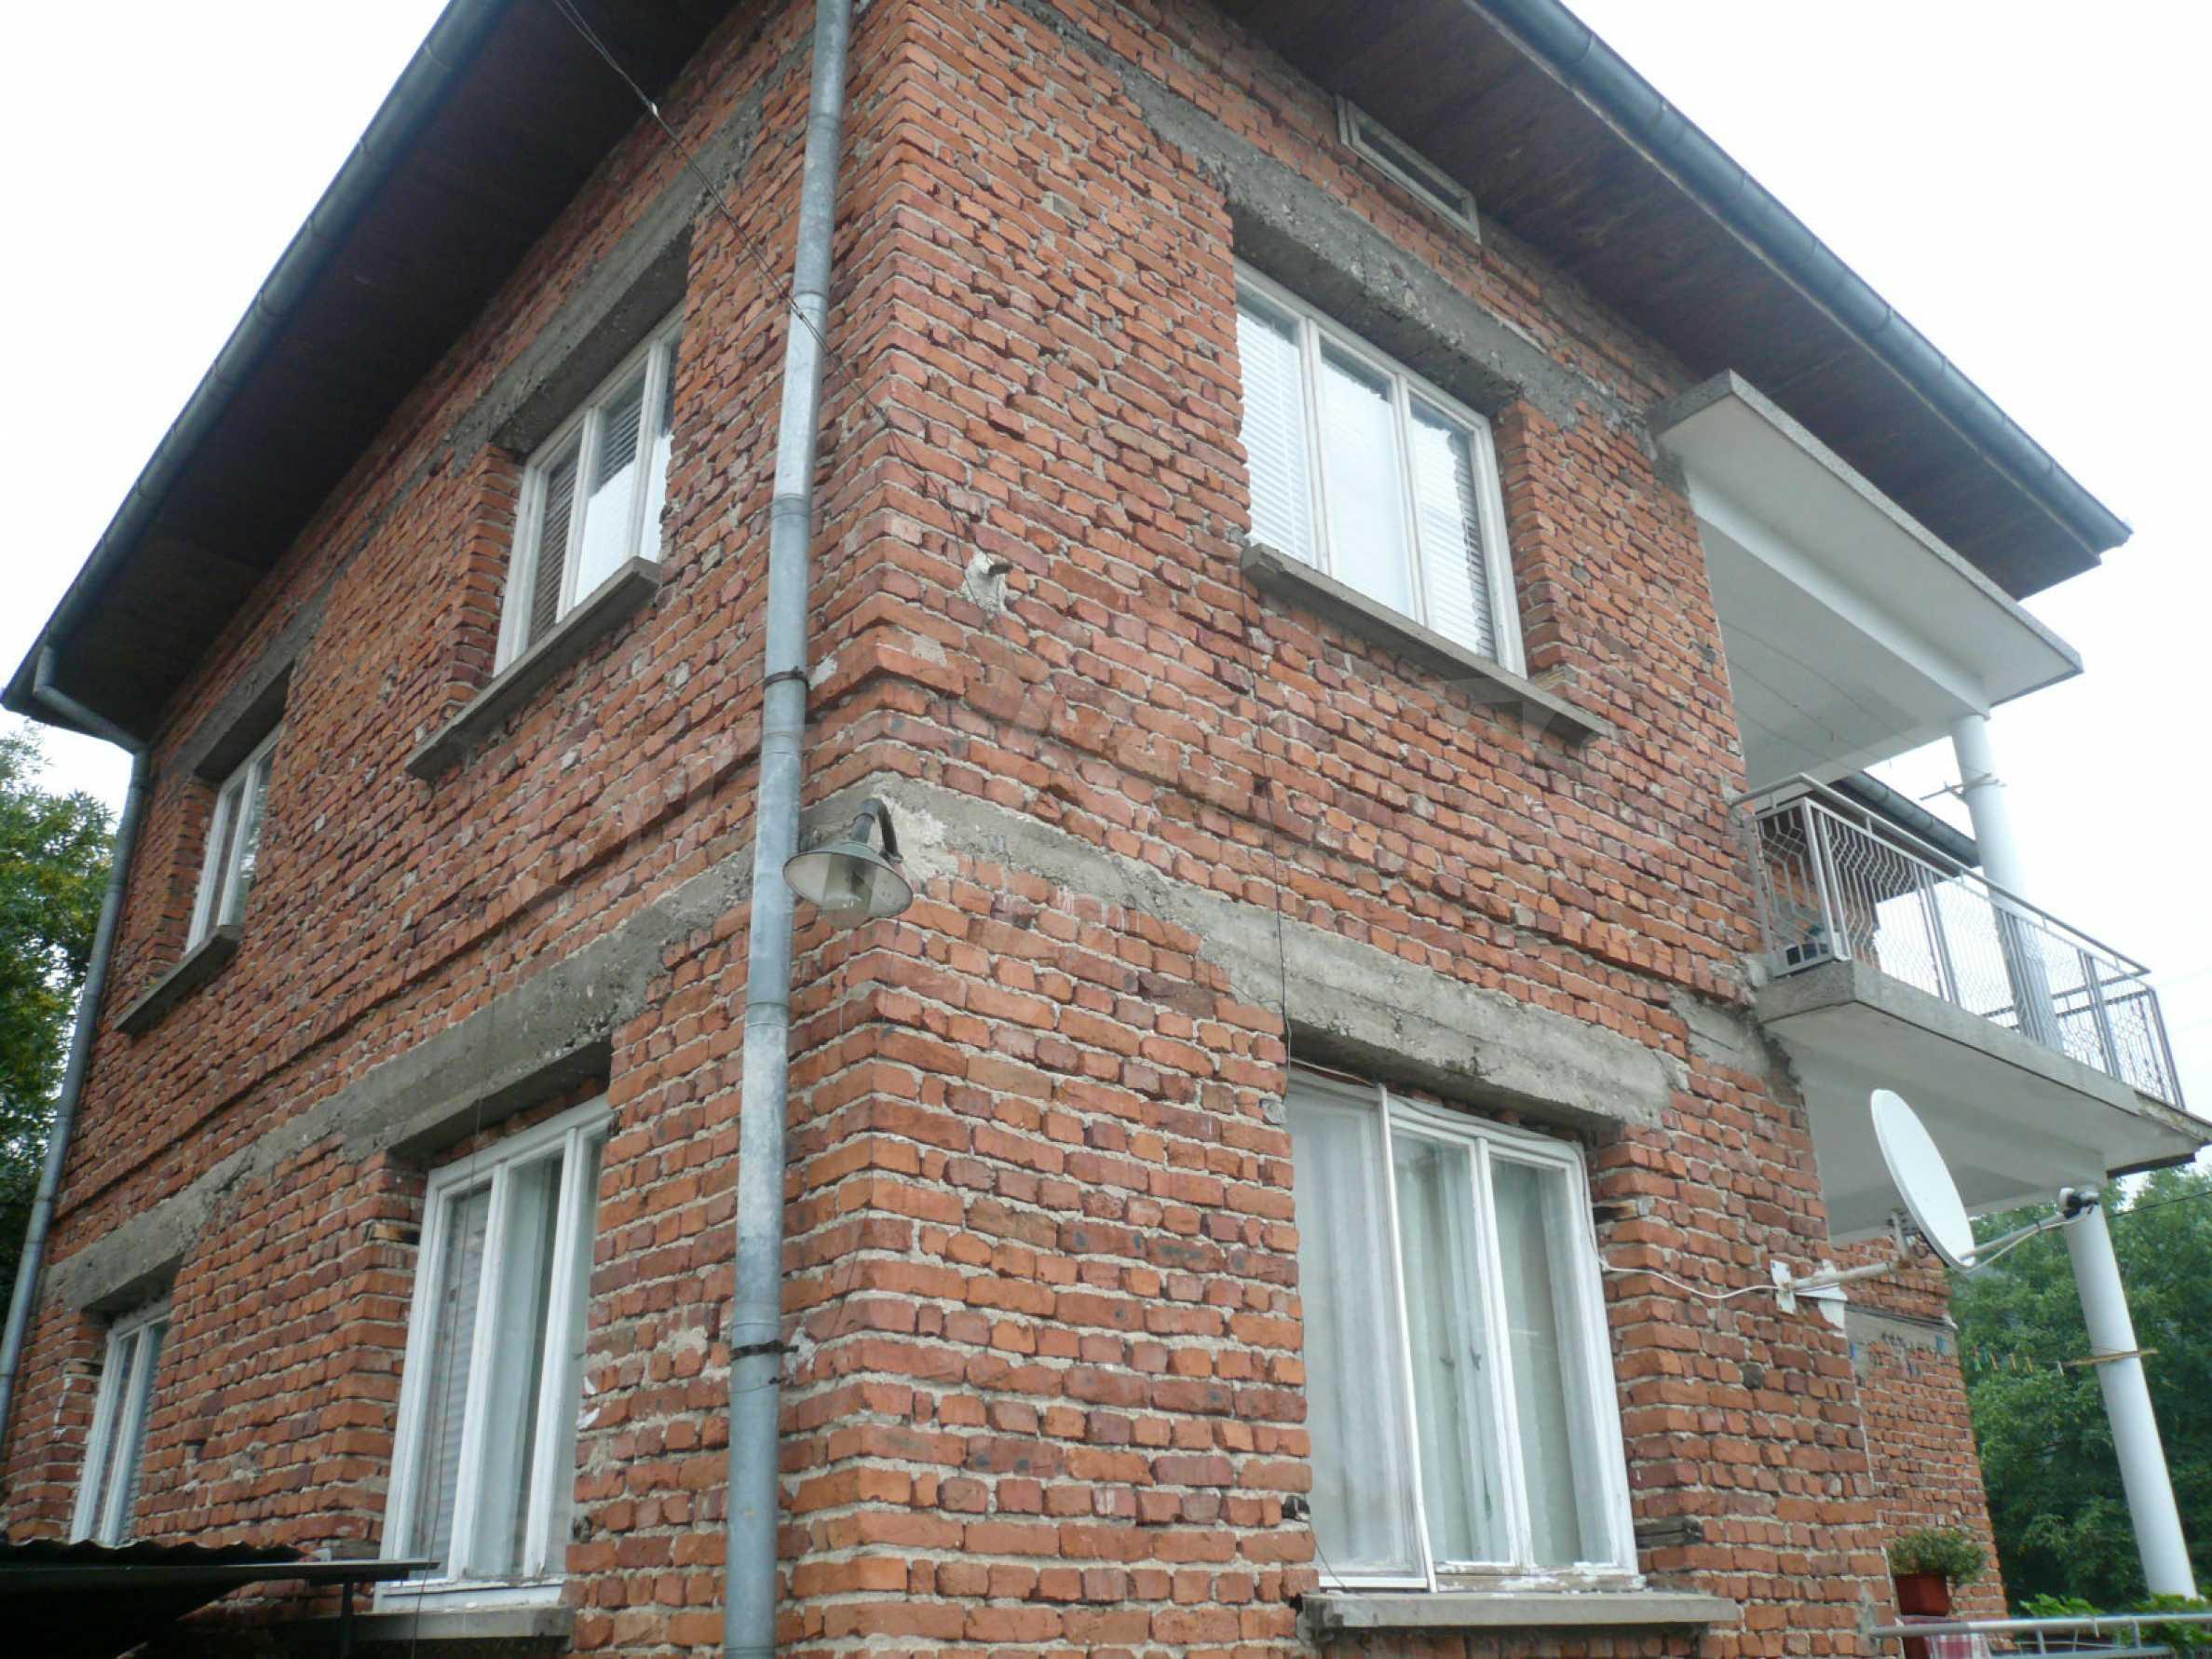 Wunderschönes massives Haus 27 km von Belogradchik entfernt 2